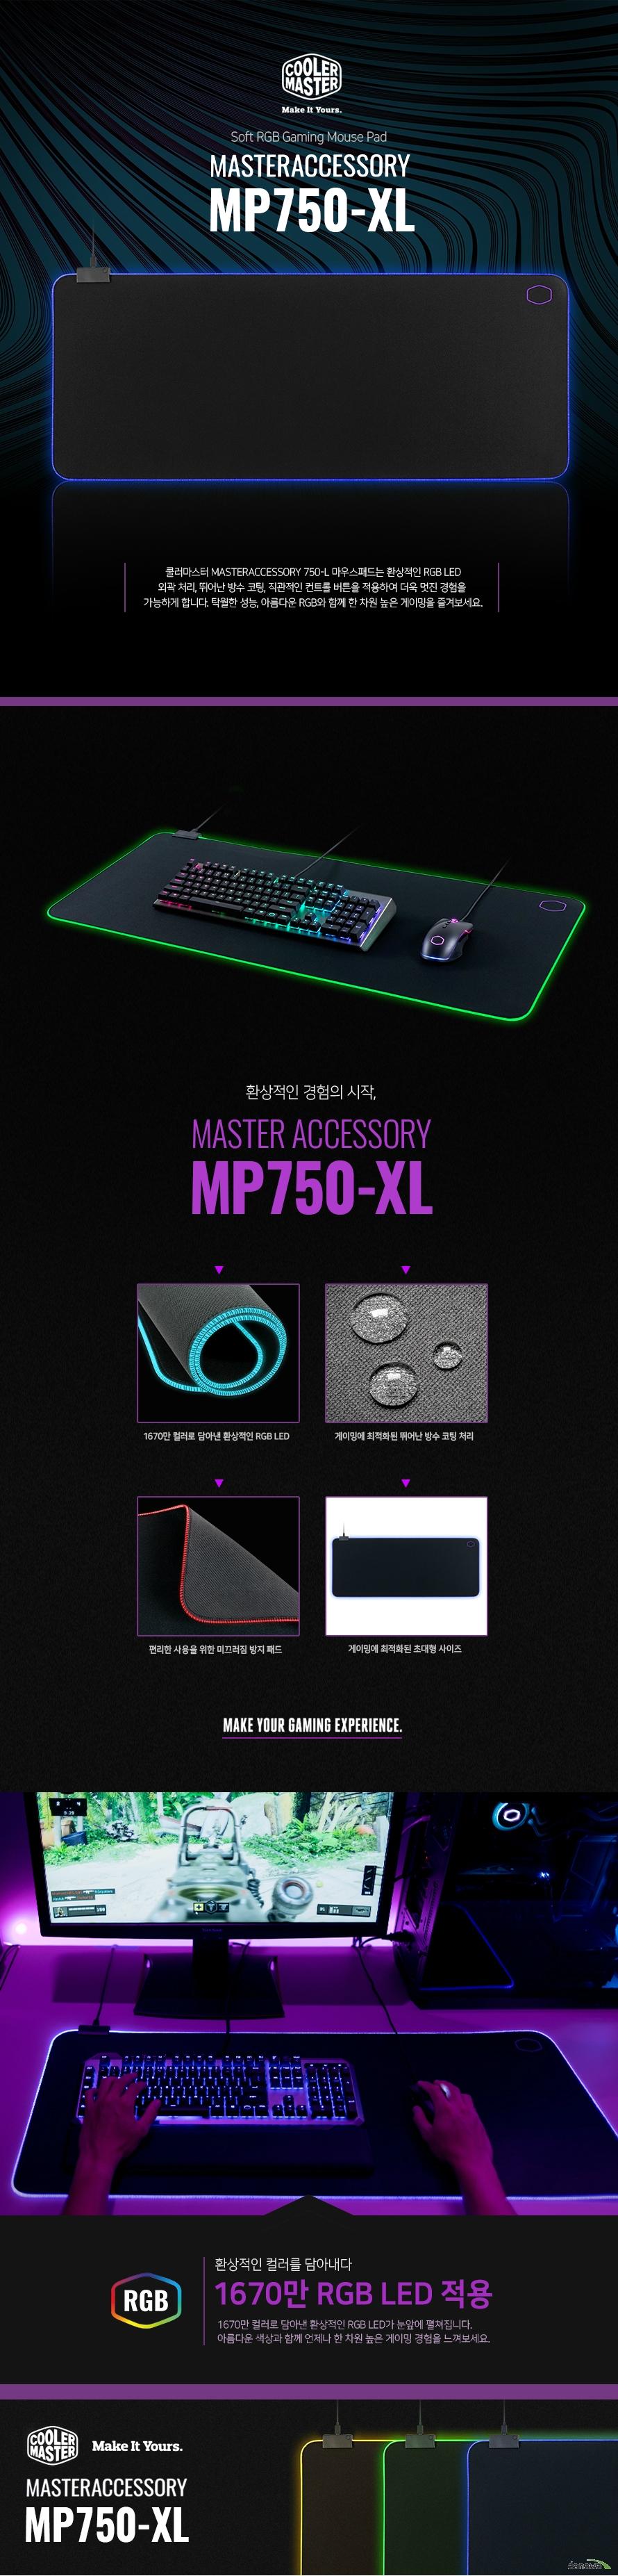 쿨러마스터 MPA-MP750-XL Soft RGB Mousepad 제품 상세 정보 컬러 블랙 앤 퍼플 재질 플라스틱, 천 , 천연 고무 백 라이트 1670만 rgb led 제품 크기 길이 940밀리미터 넓이 380밀리미터 두께 3밀리미터 표면 처리 텍스쳐드 마이크로스코픽 메쉬 스위프트 rx 아이덴티컬 메쉬 중량 503그램 제품 보증 2년